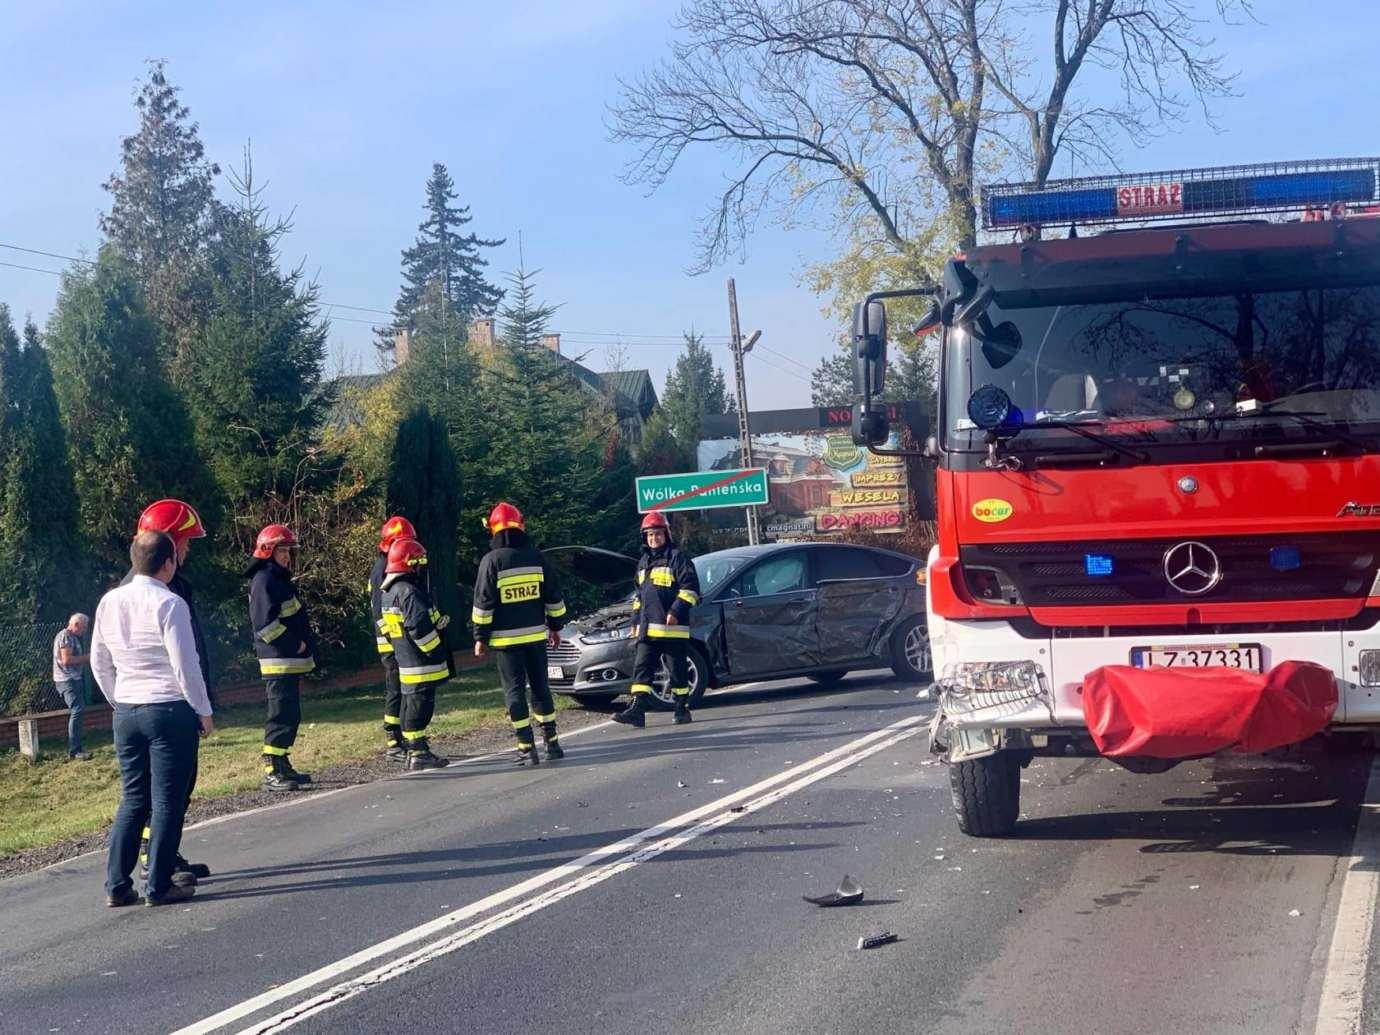 73249624 772663726518218 3781874297908232192 n Kalinowice: Wypadek na DK nr 17. Wóz strażacki zderzył się z osobówką